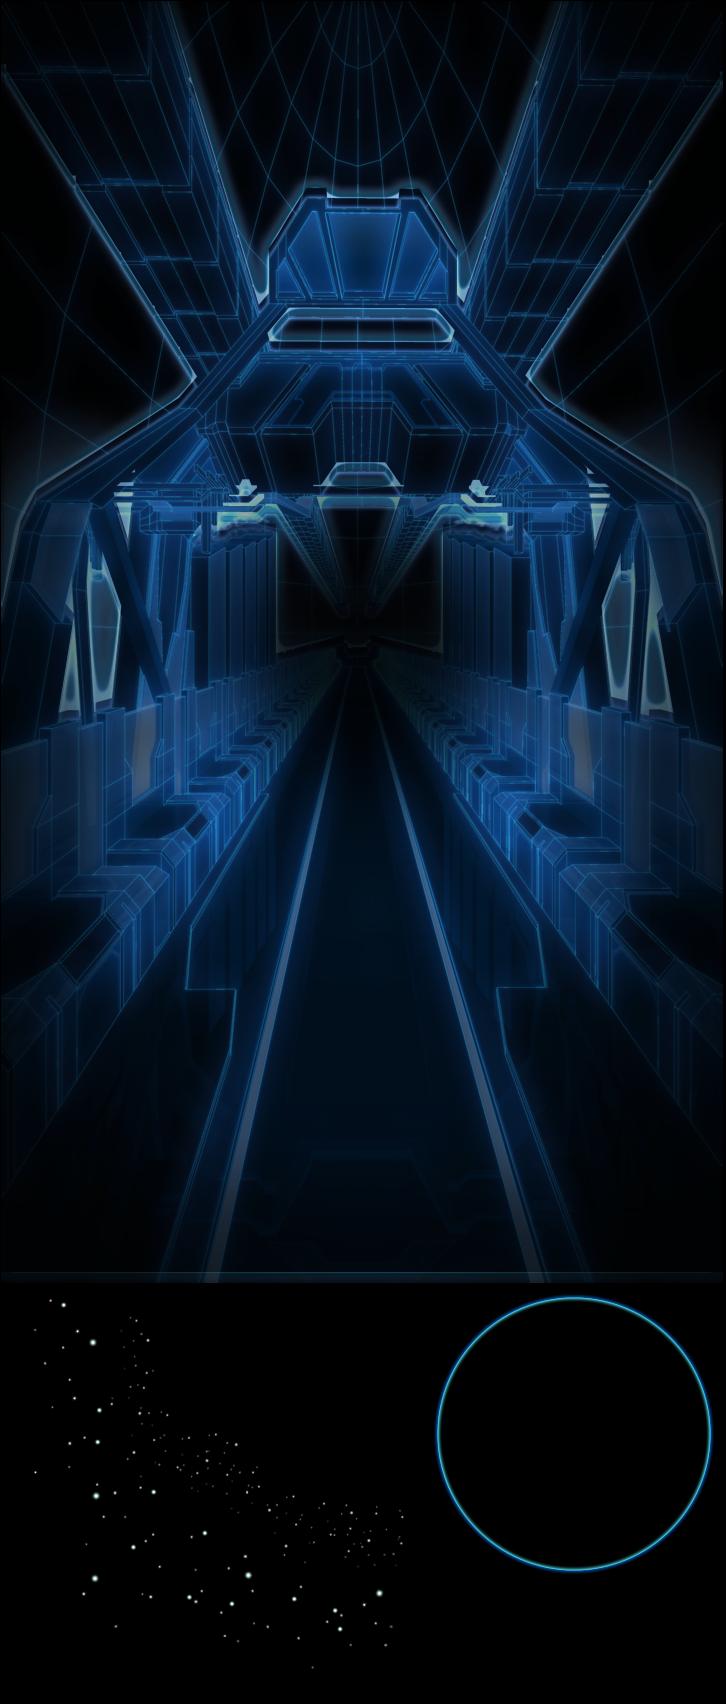 Arcade - Sound Voltex Series - Space - The Spriters Resource